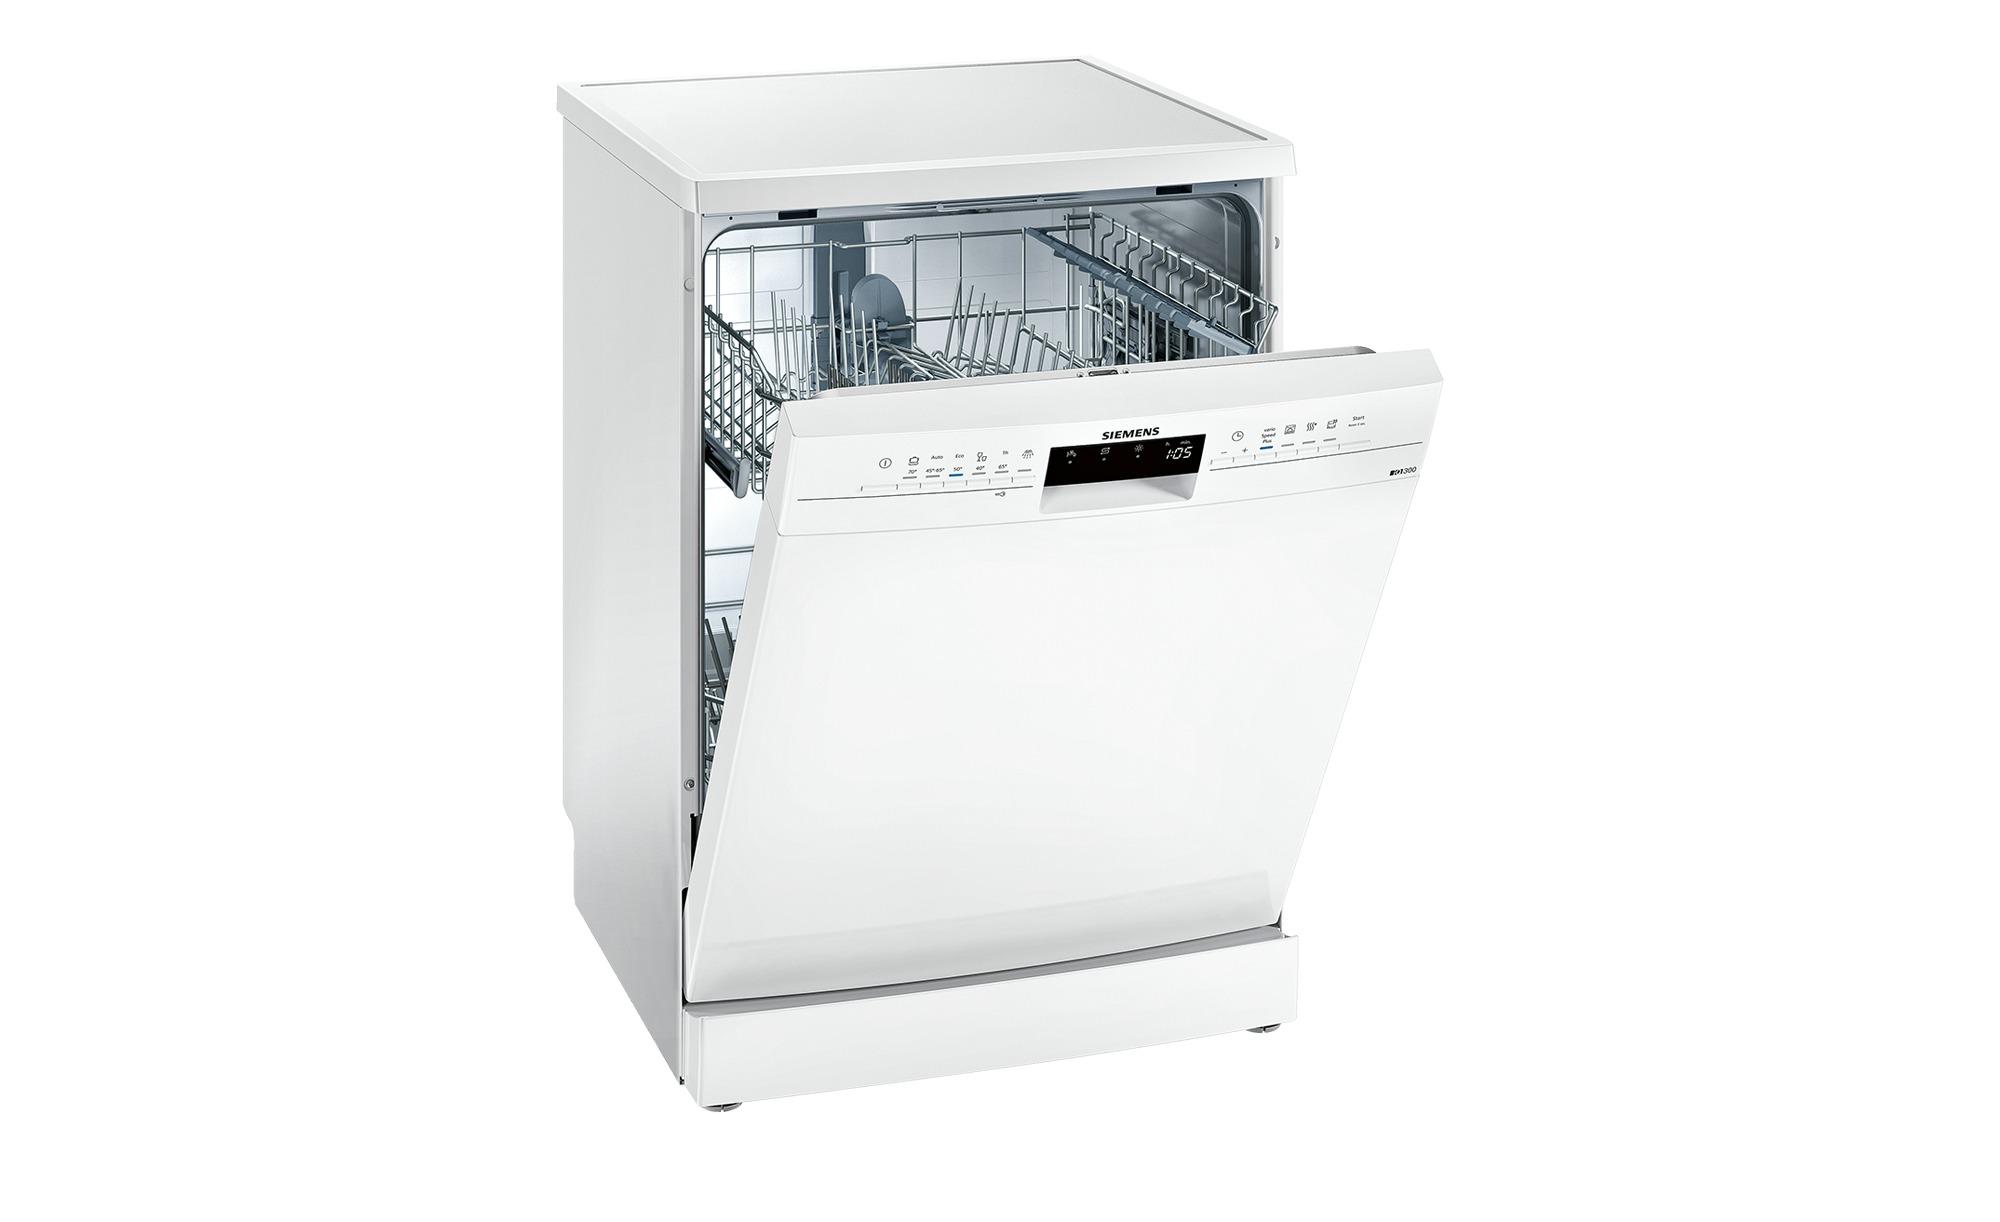 Siemens Geschirrspüler Sn 236 W 01 Ge Bei Möbel Kraft Online Kaufen